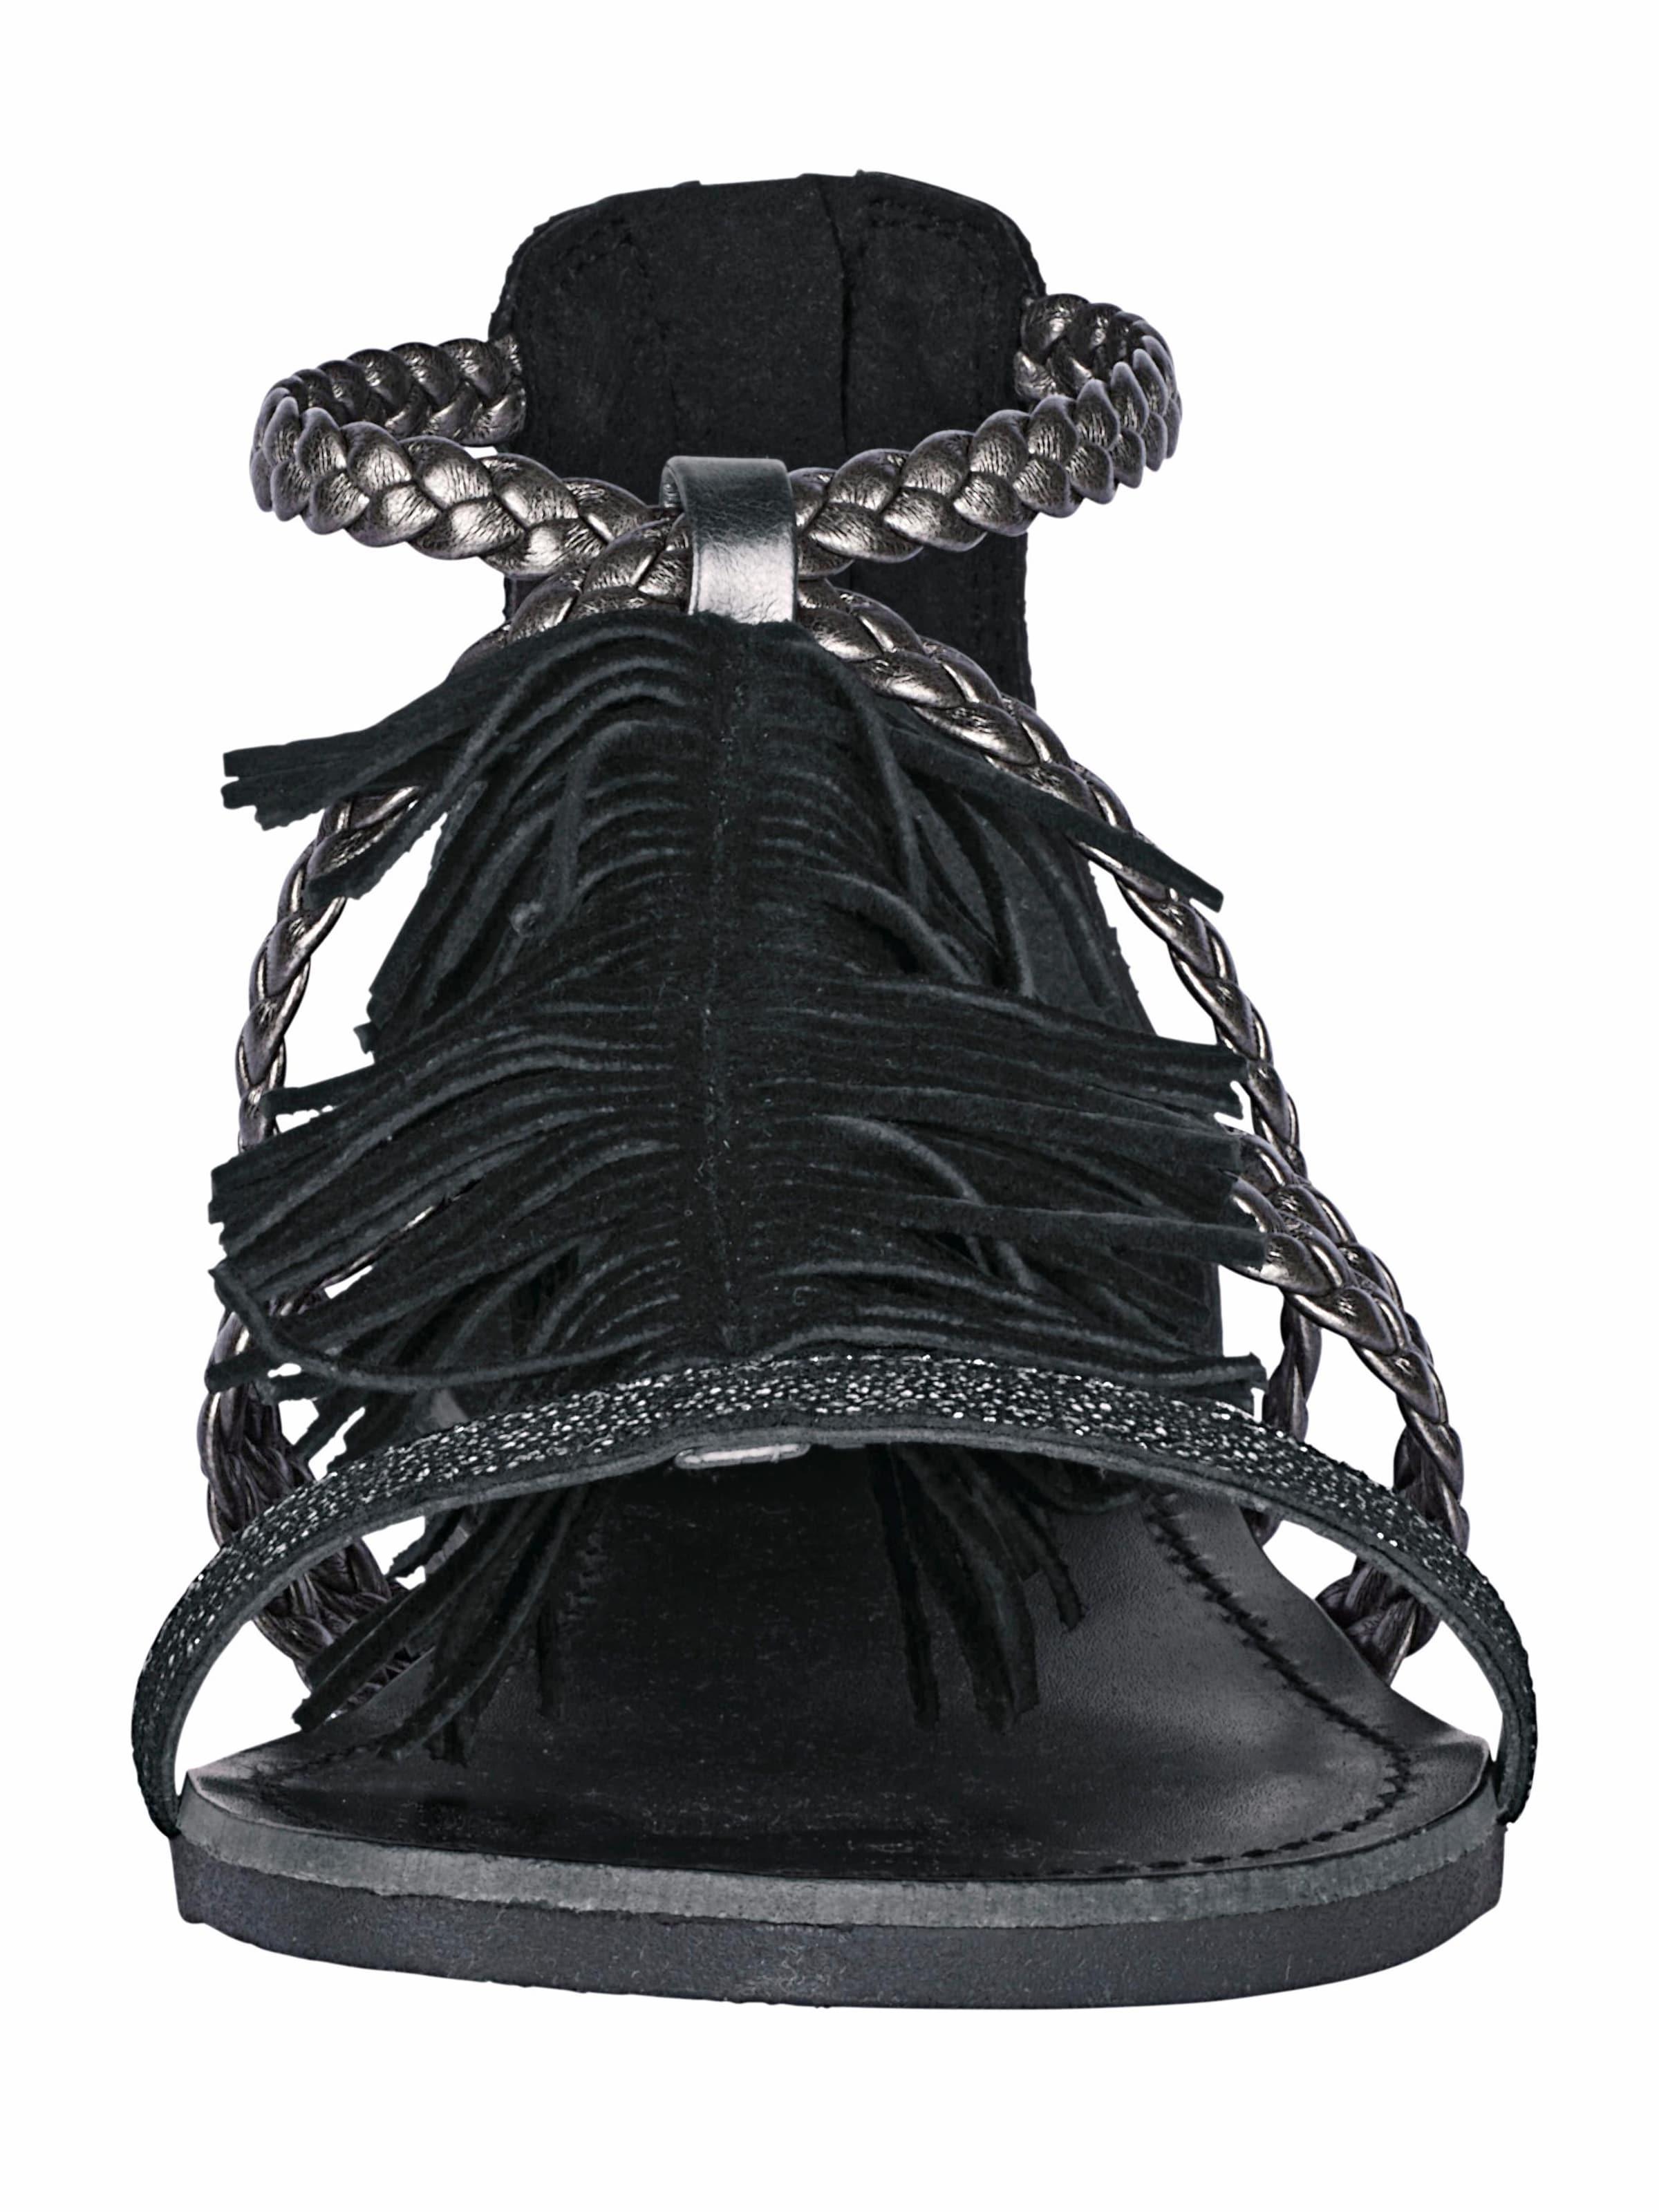 heine Sandalette mit Fransen Gefälschte Online Die Besten Preise Zu Verkaufen 0Ma2VSOJst